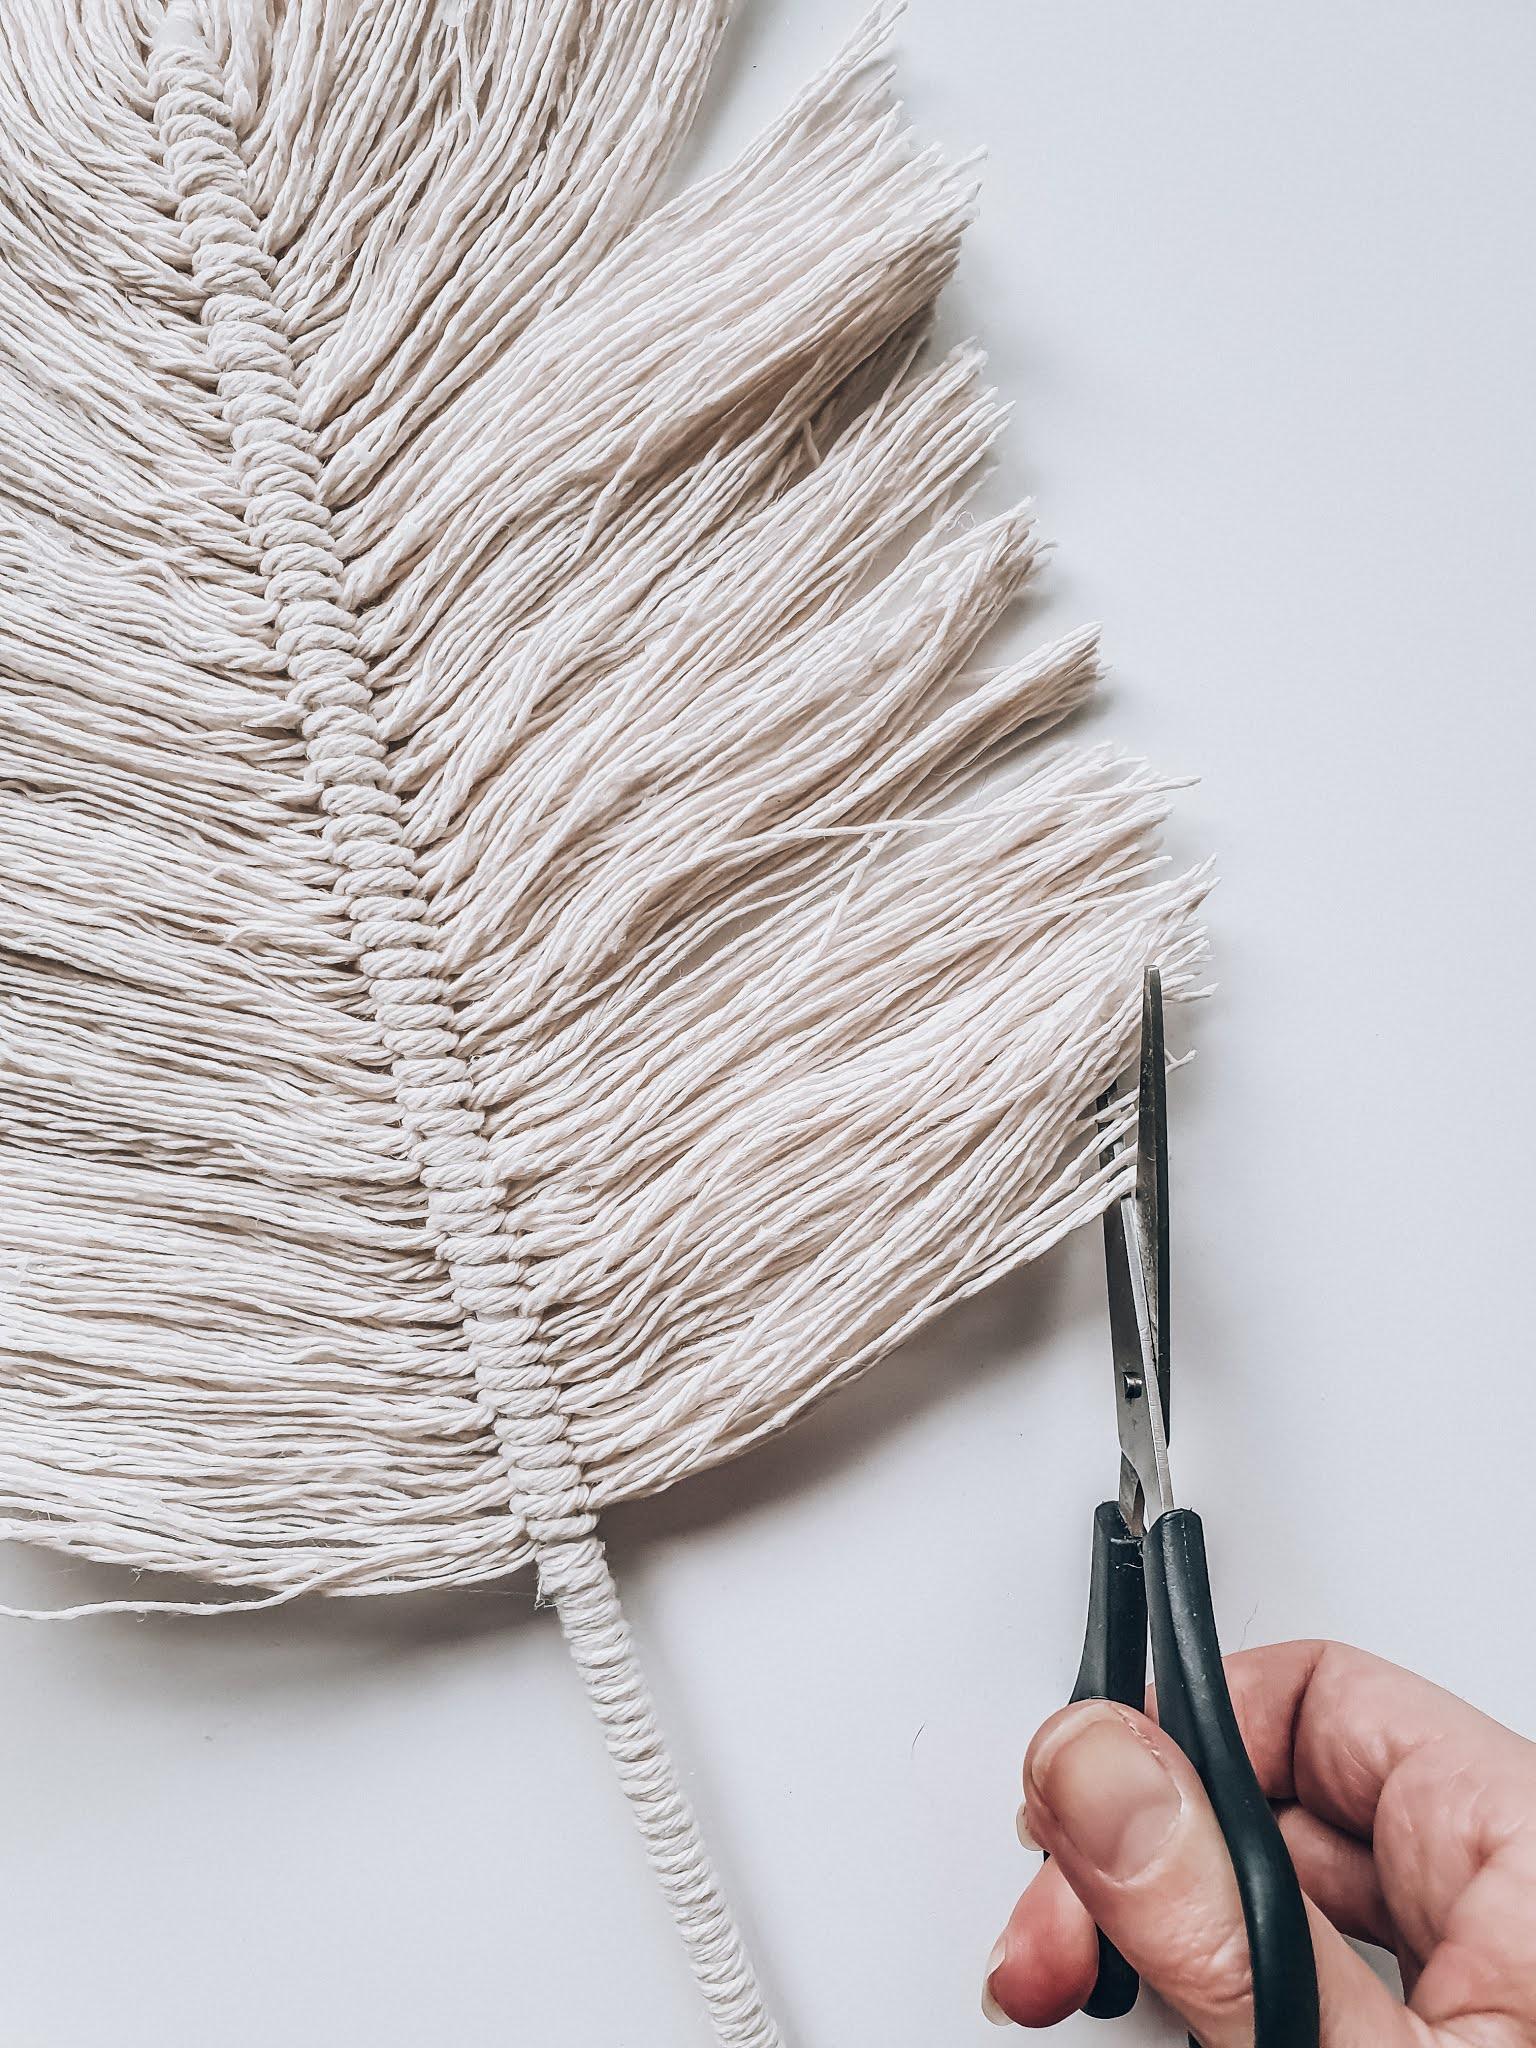 Dekoracja w stylu boho - jak zrobić piórka ze sznurka? INSTRUKCJA KROK PO KROKU